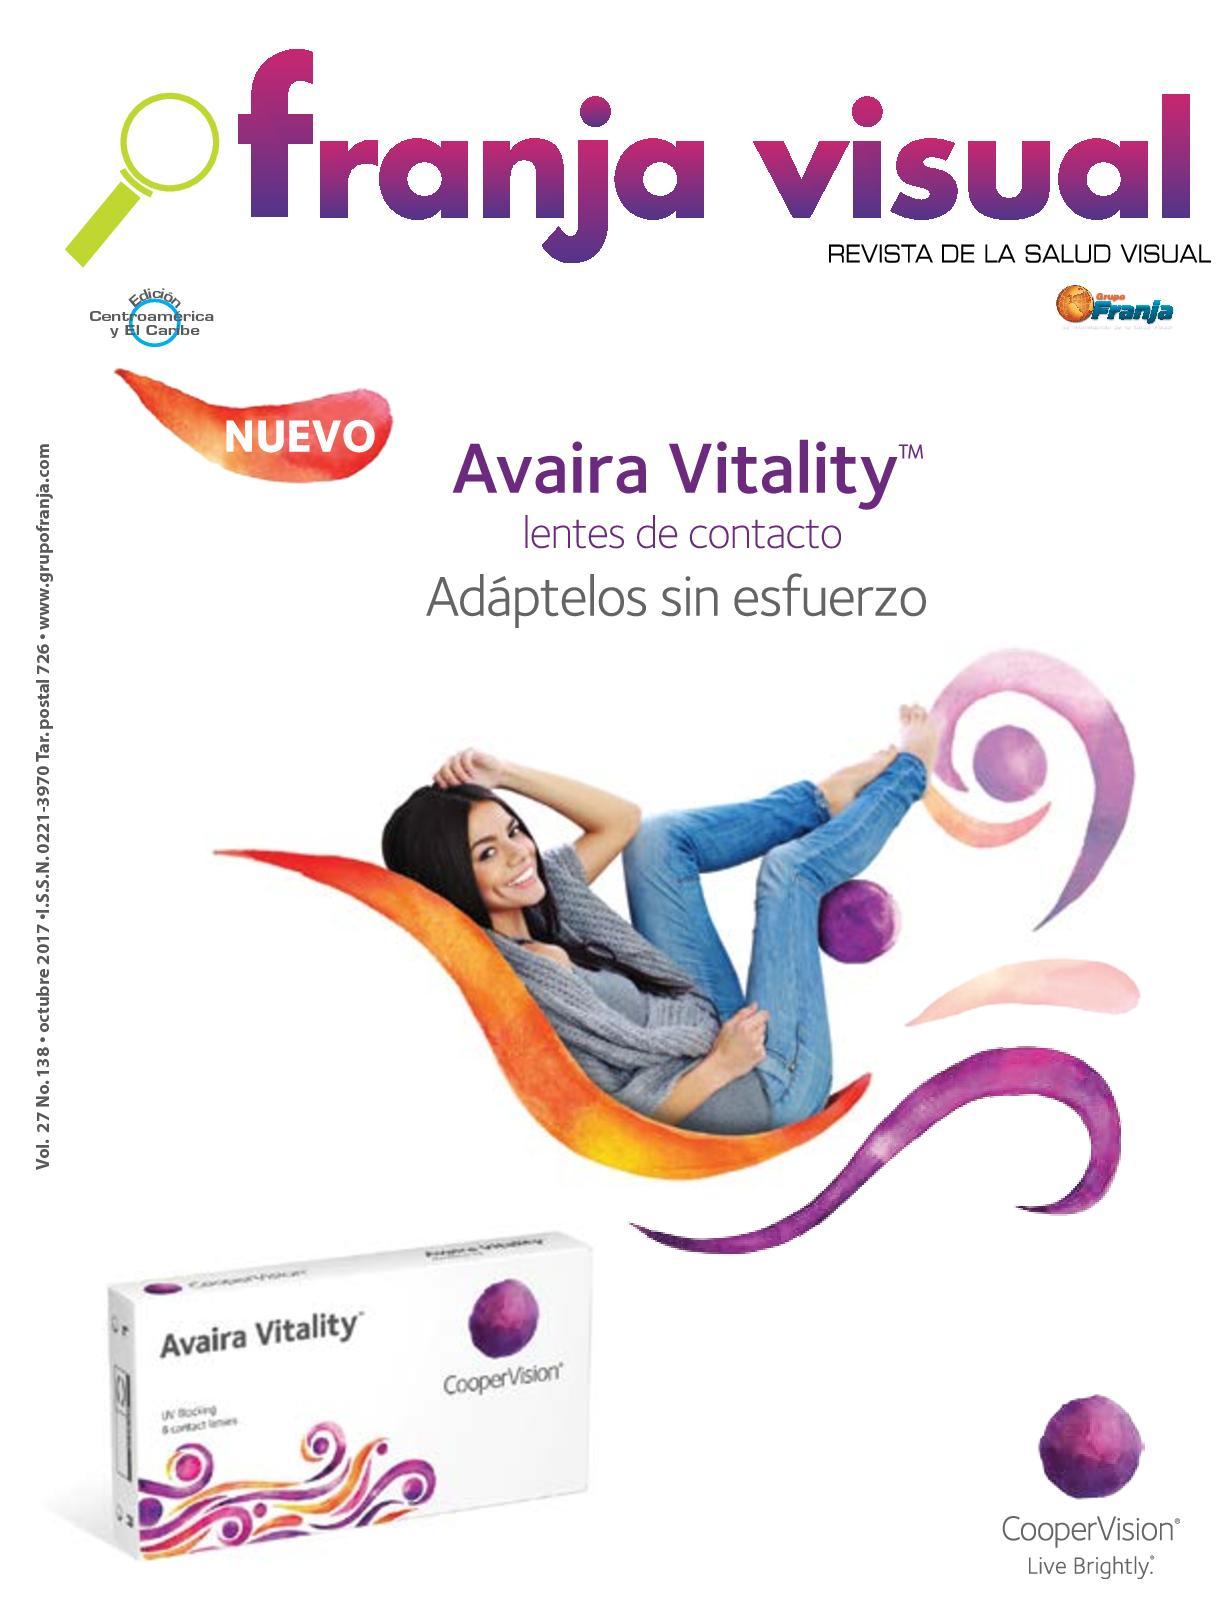 Calaméo - Franja Visual No. 138 Centroamérica 54b8fad74e